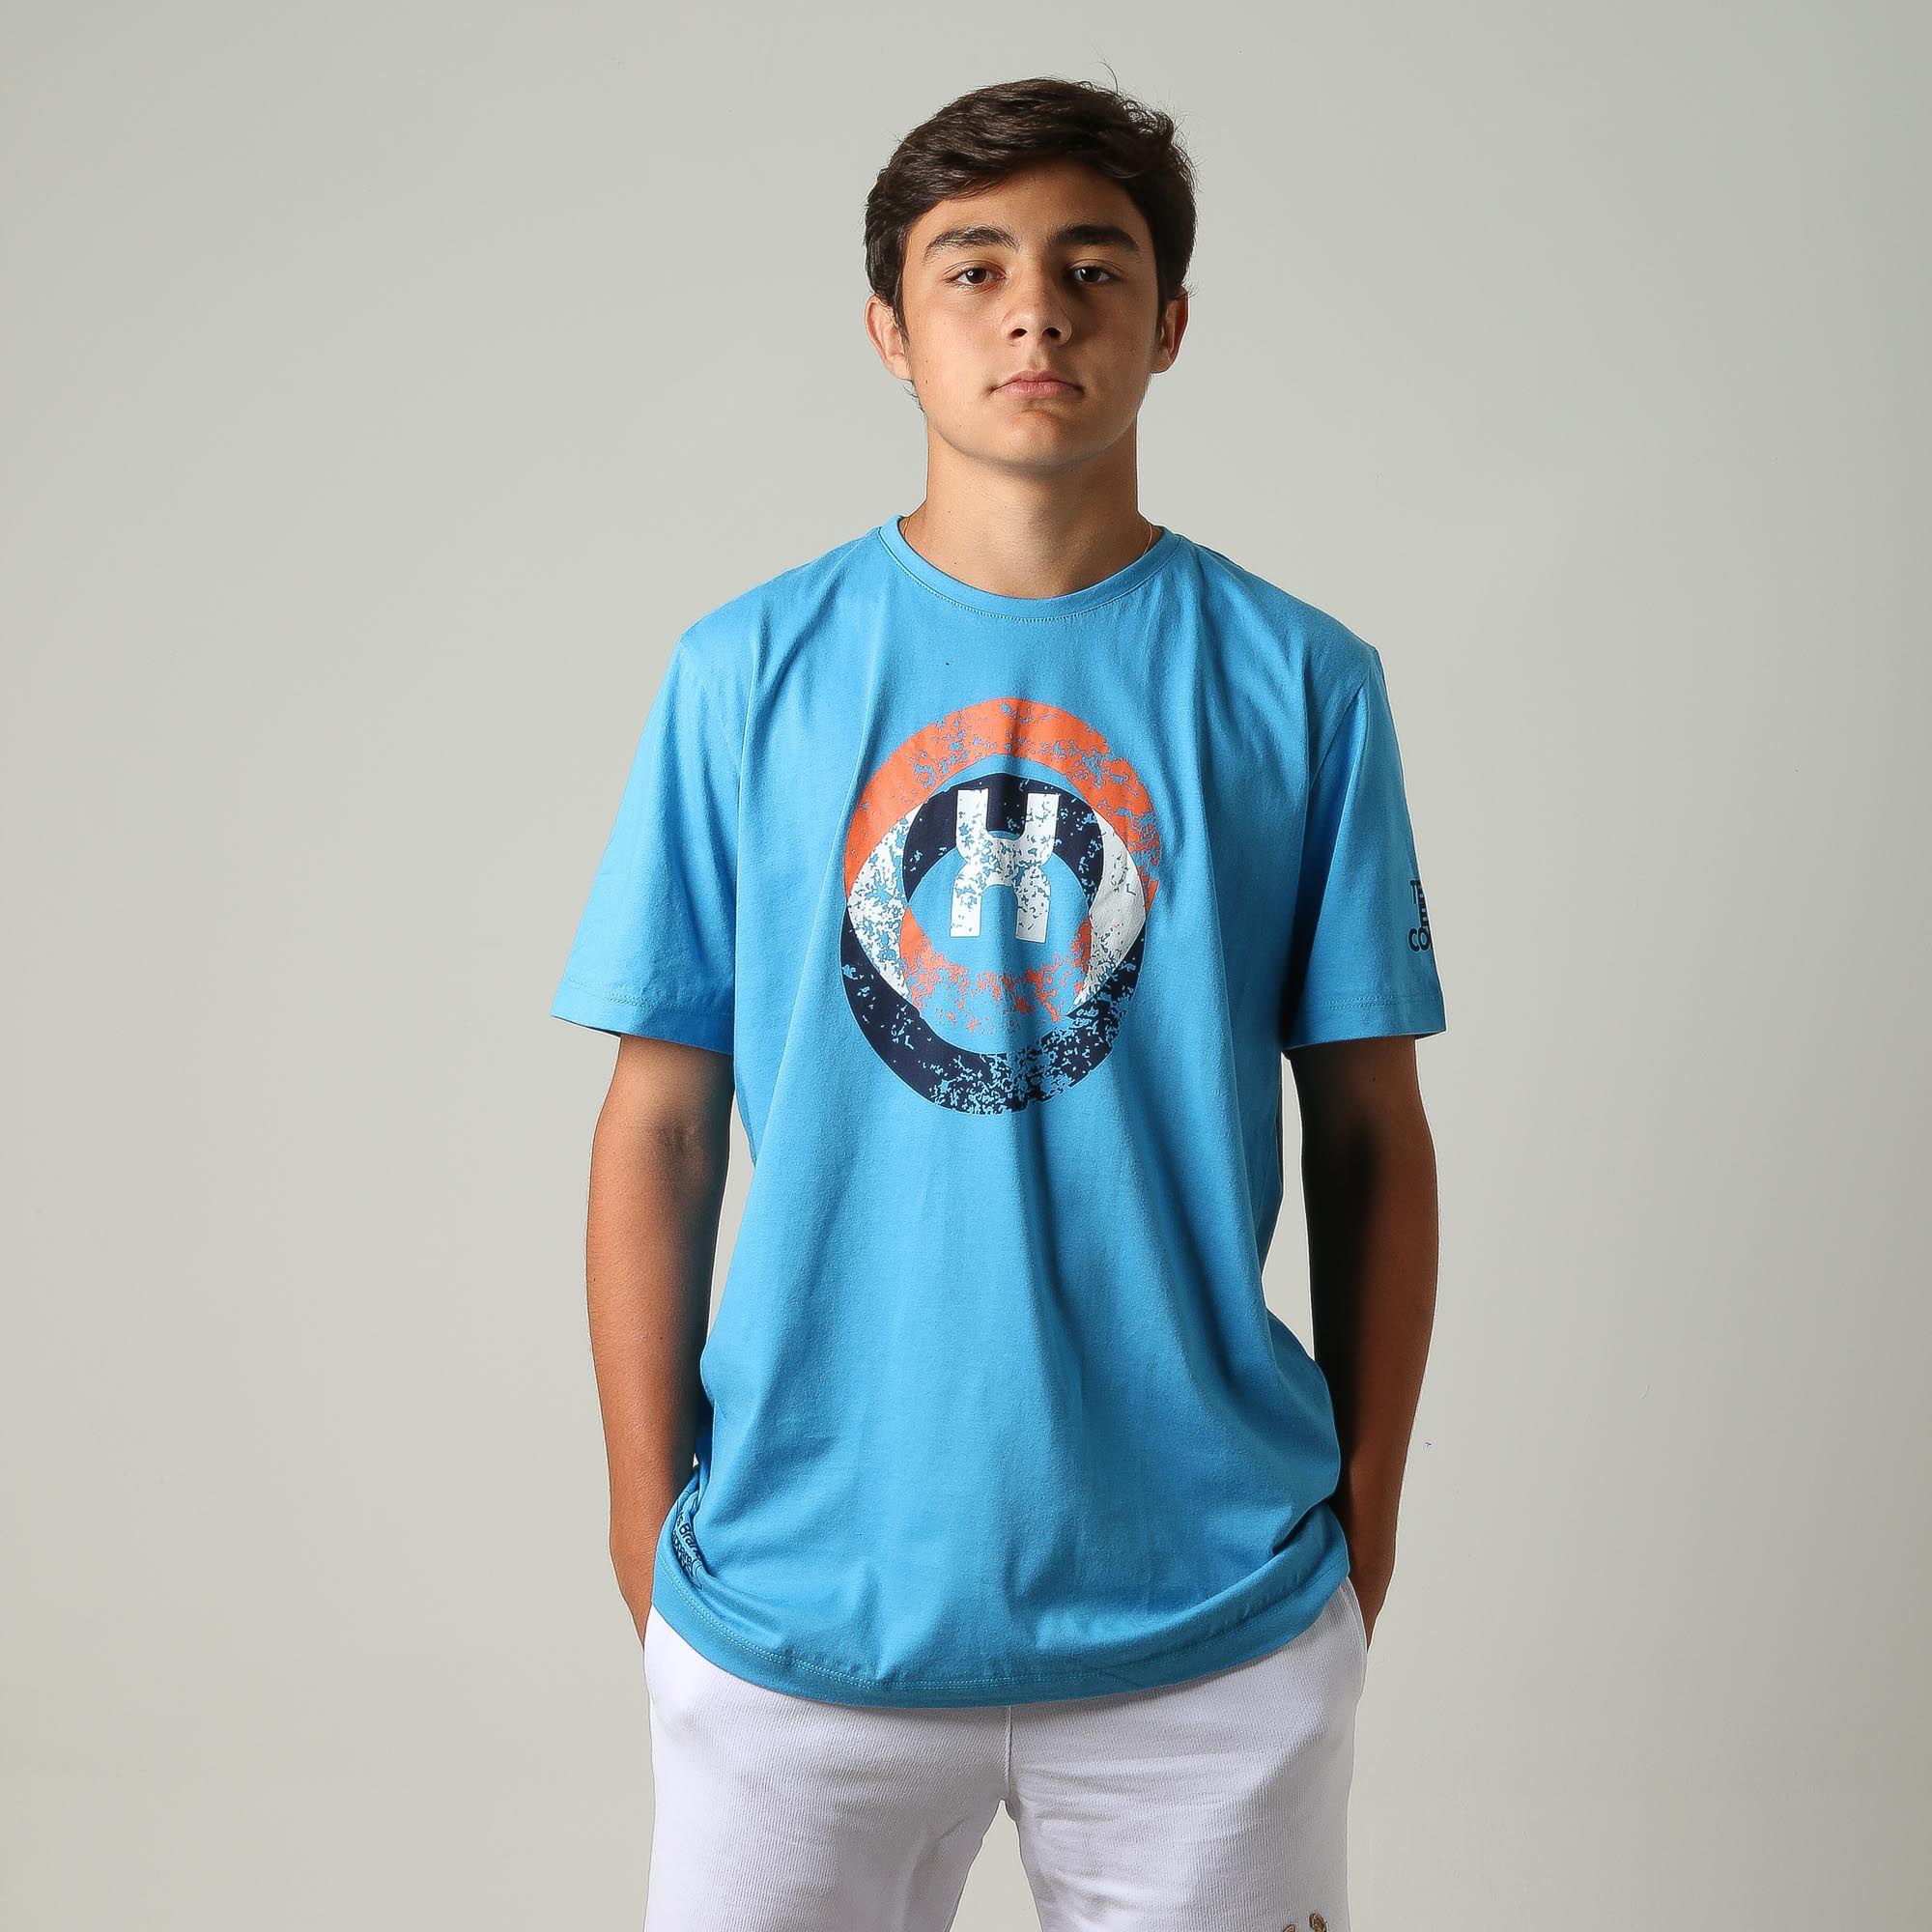 Camiseta TXC Brand 1771